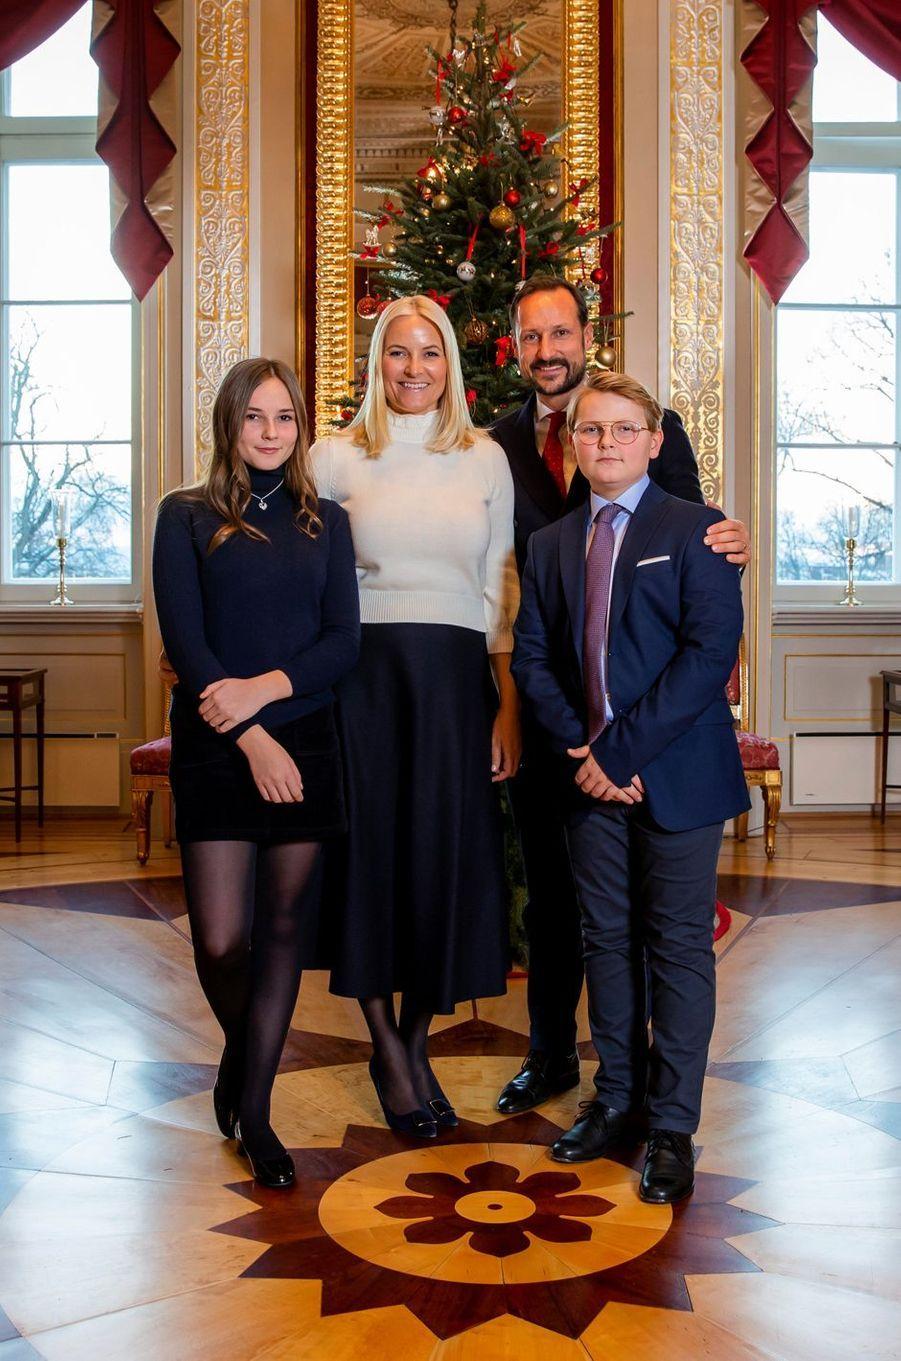 Les princesses Ingrid Alexandra et Mette-Marit et les princes Haakon et Sverre Magnus de Norvège. Photo diffusée le 14 décembre 2018